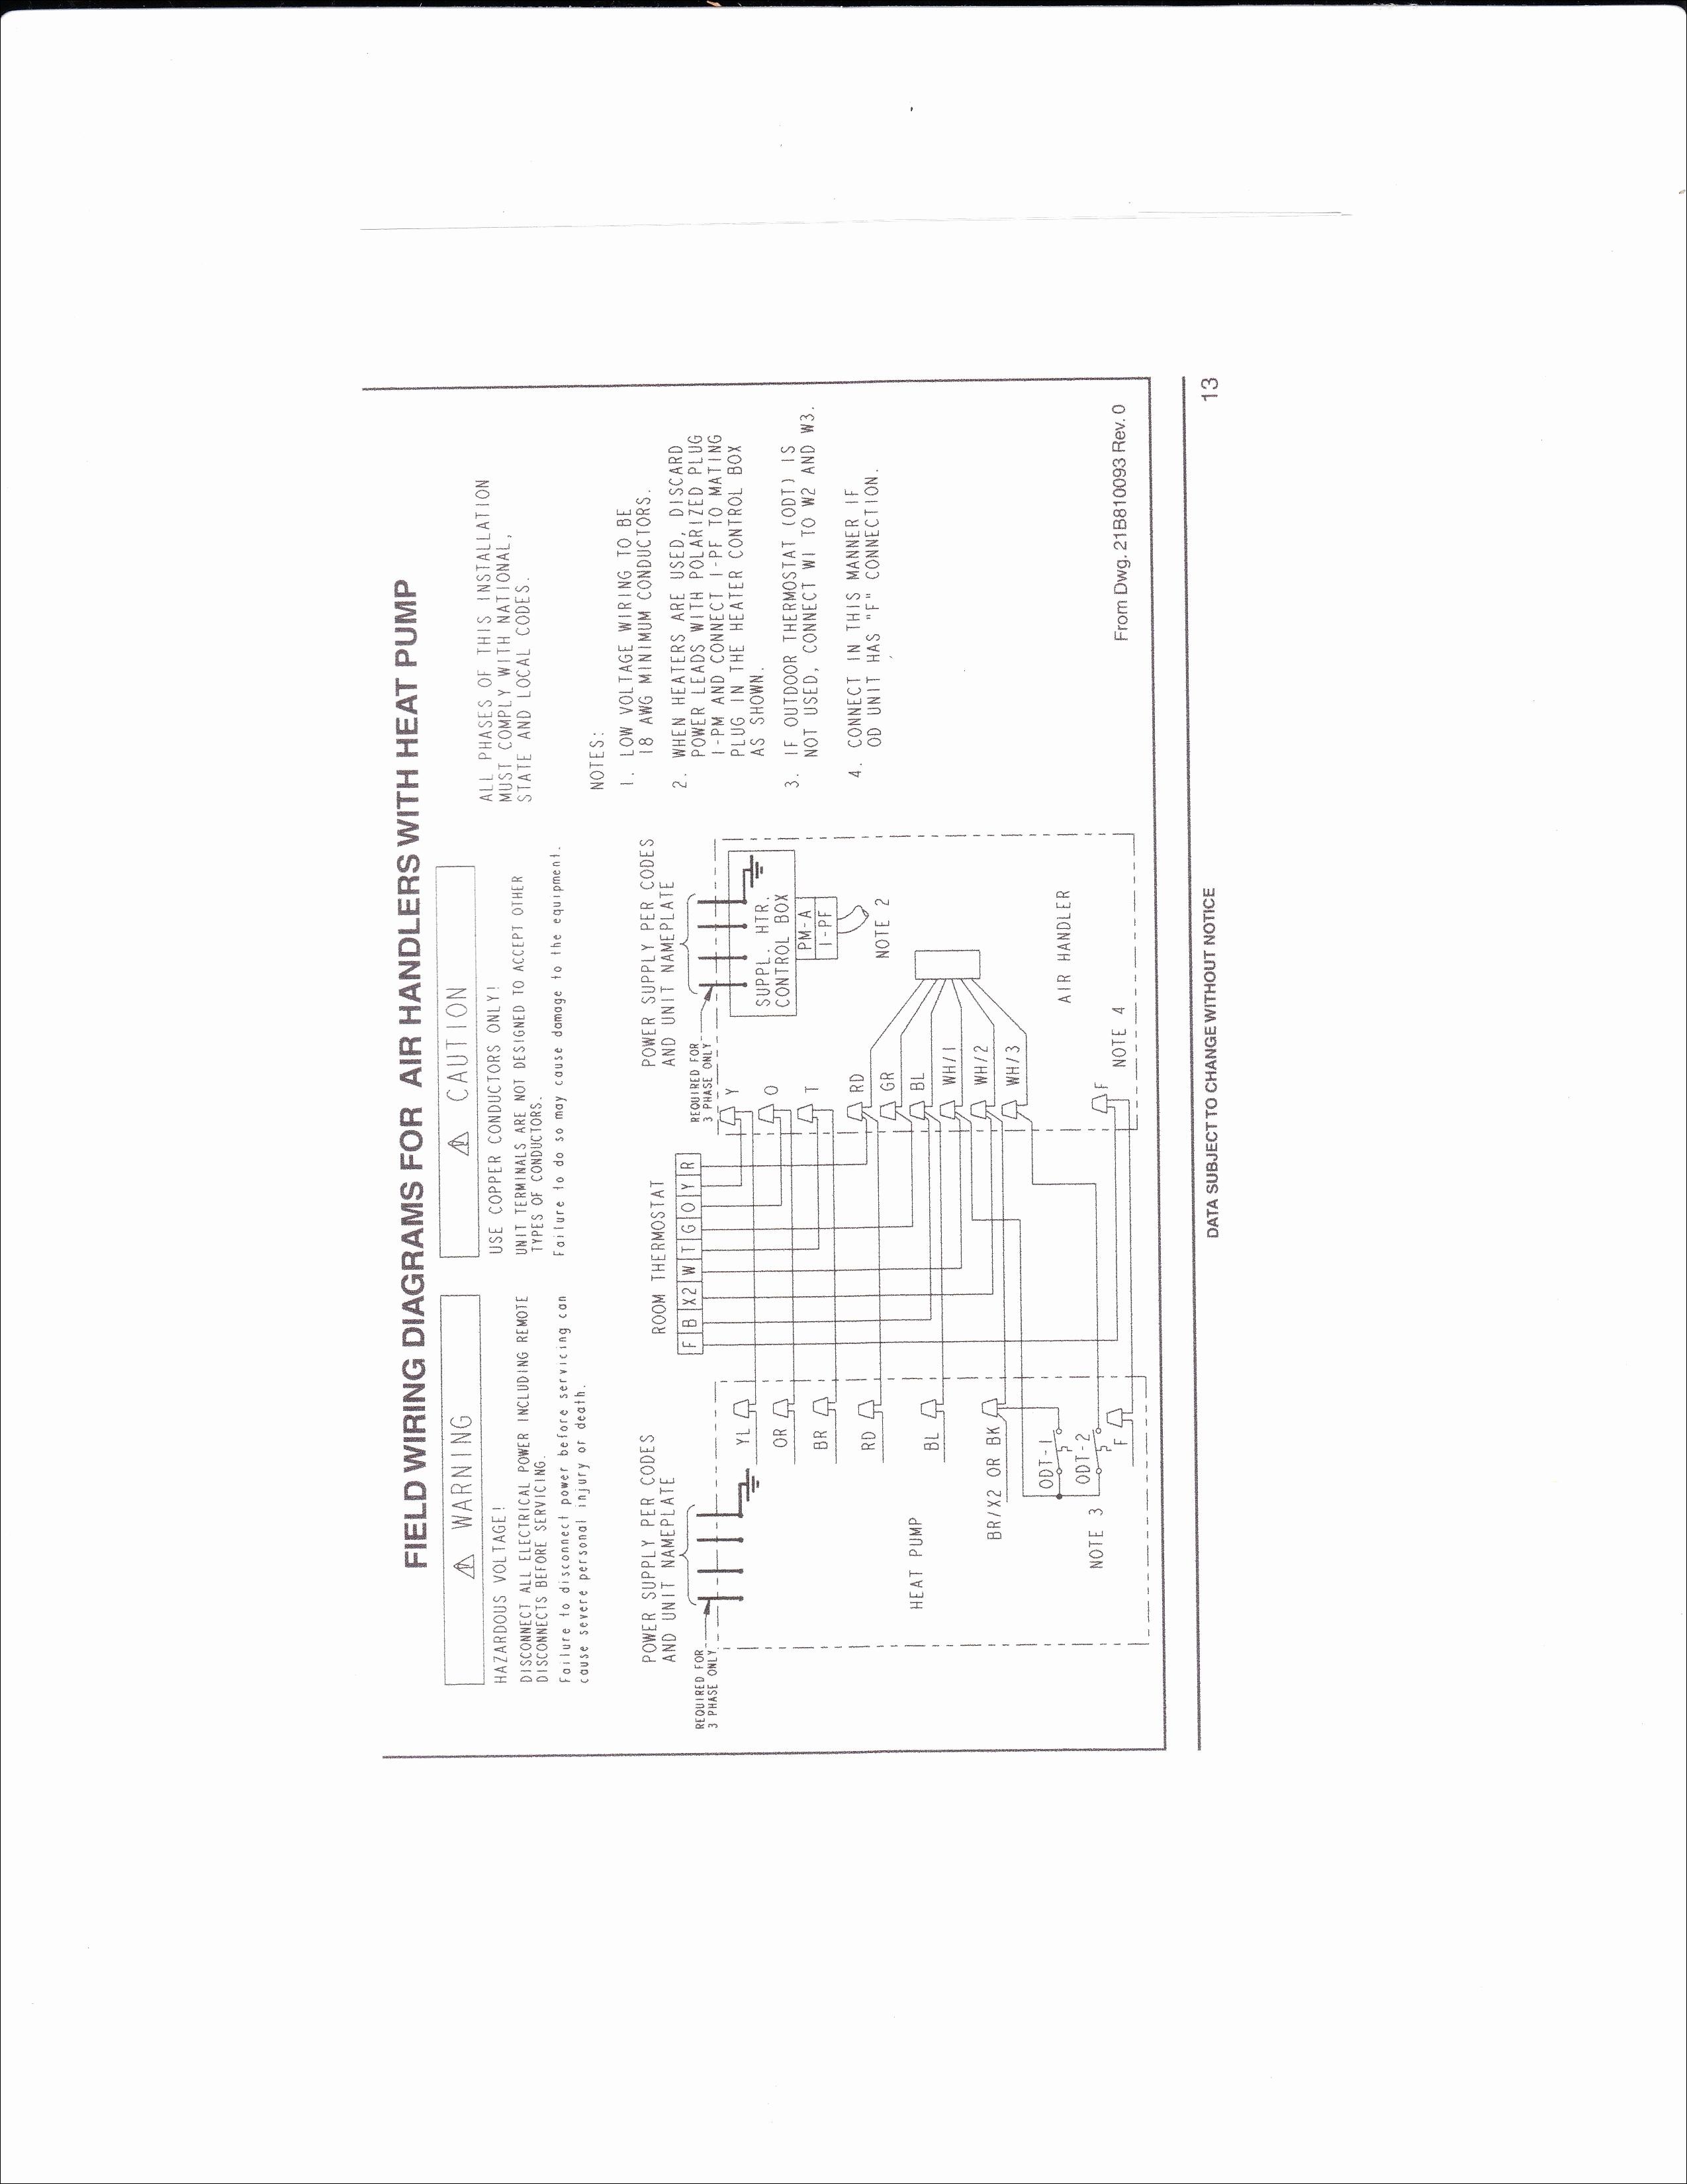 Metra 70 Wiring Diagram